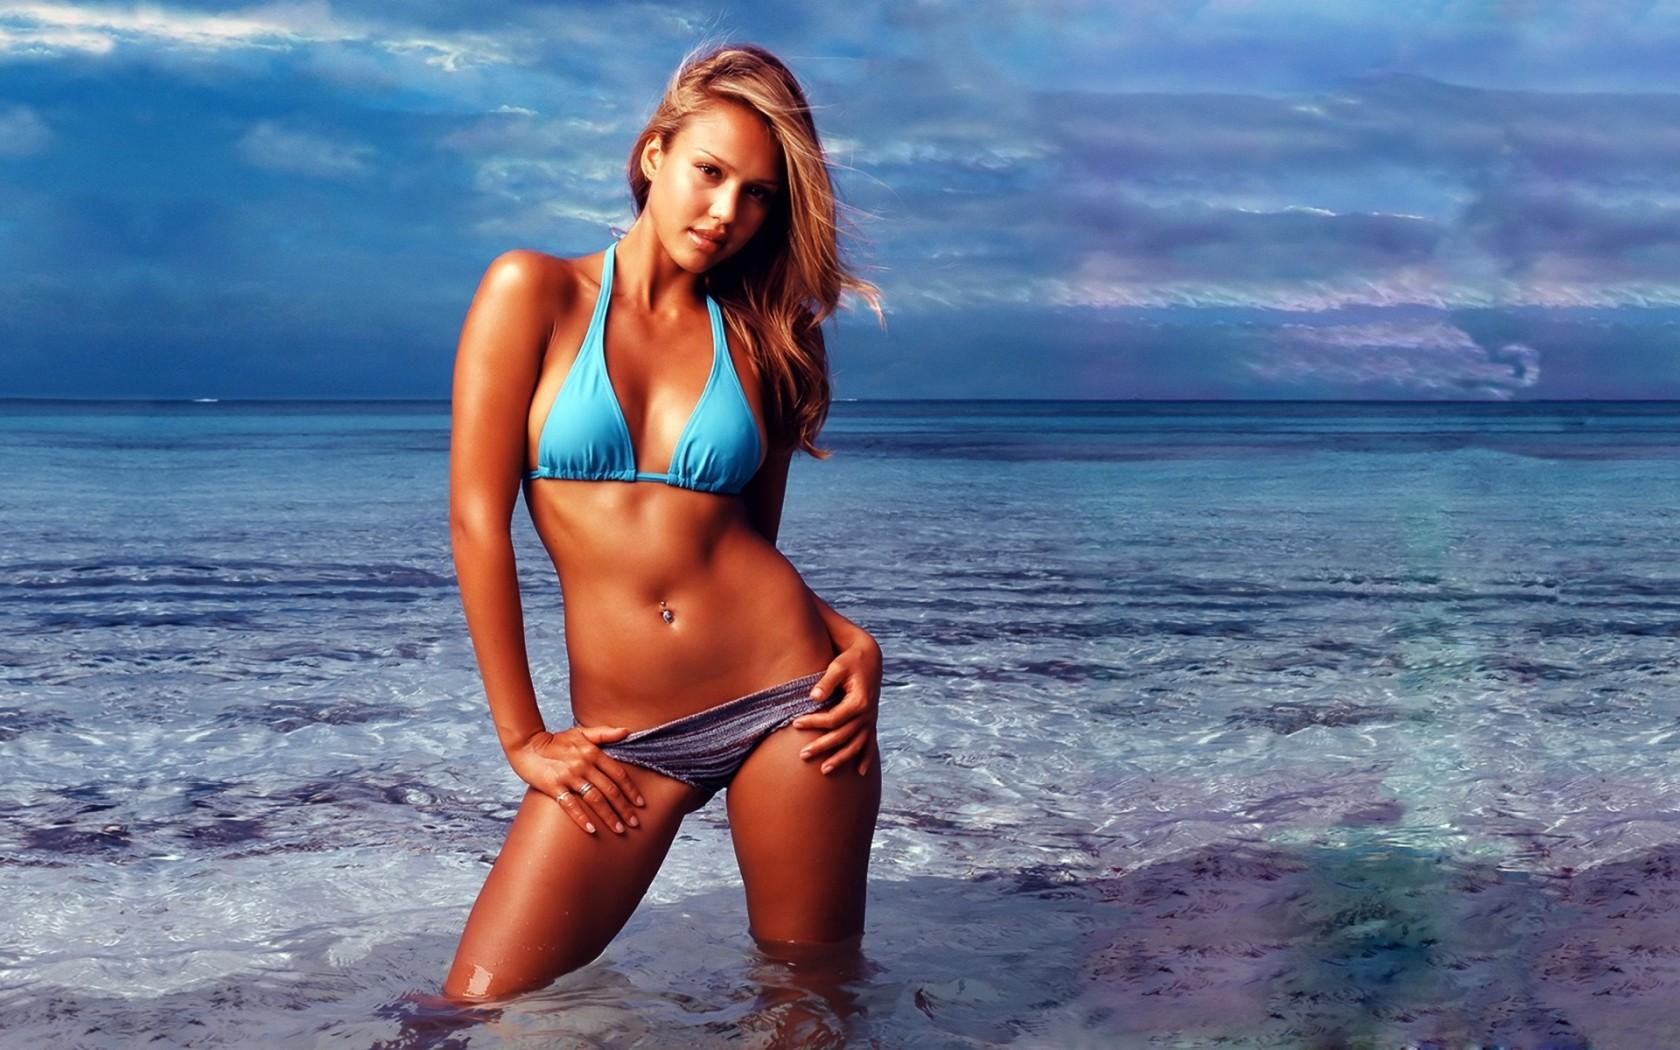 Fox News Women - Hot Babes - Fox News Girls - Fox News Ladies